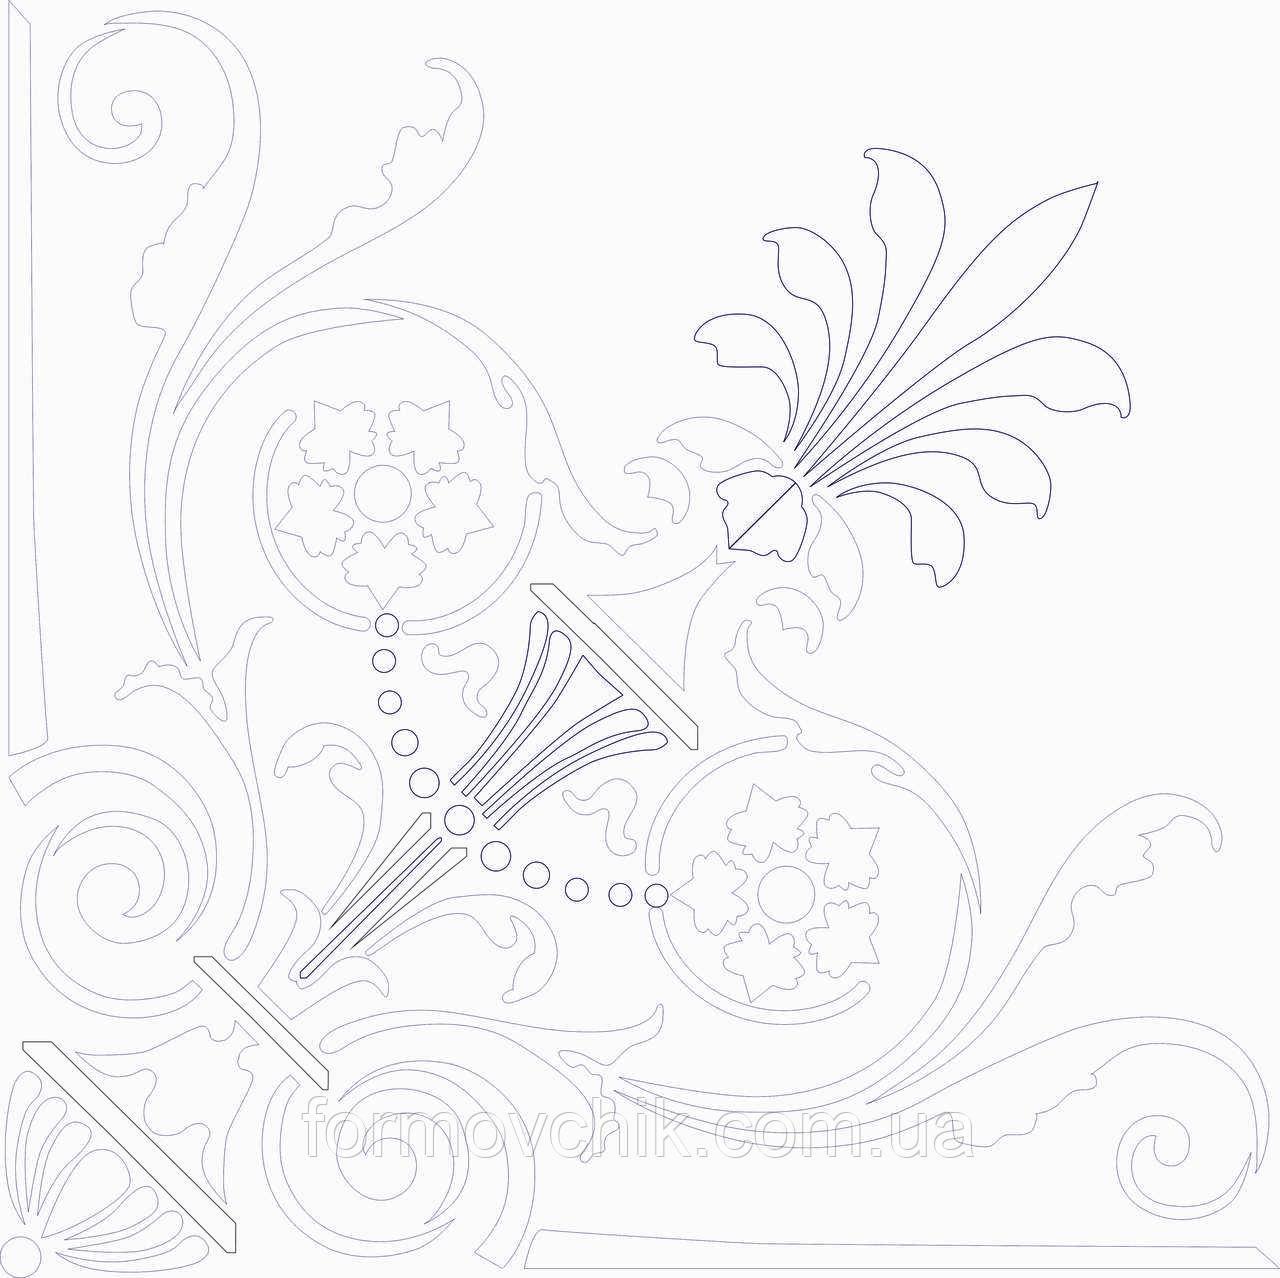 Трафарет Илюстрация 30*30 см толщина 1мм